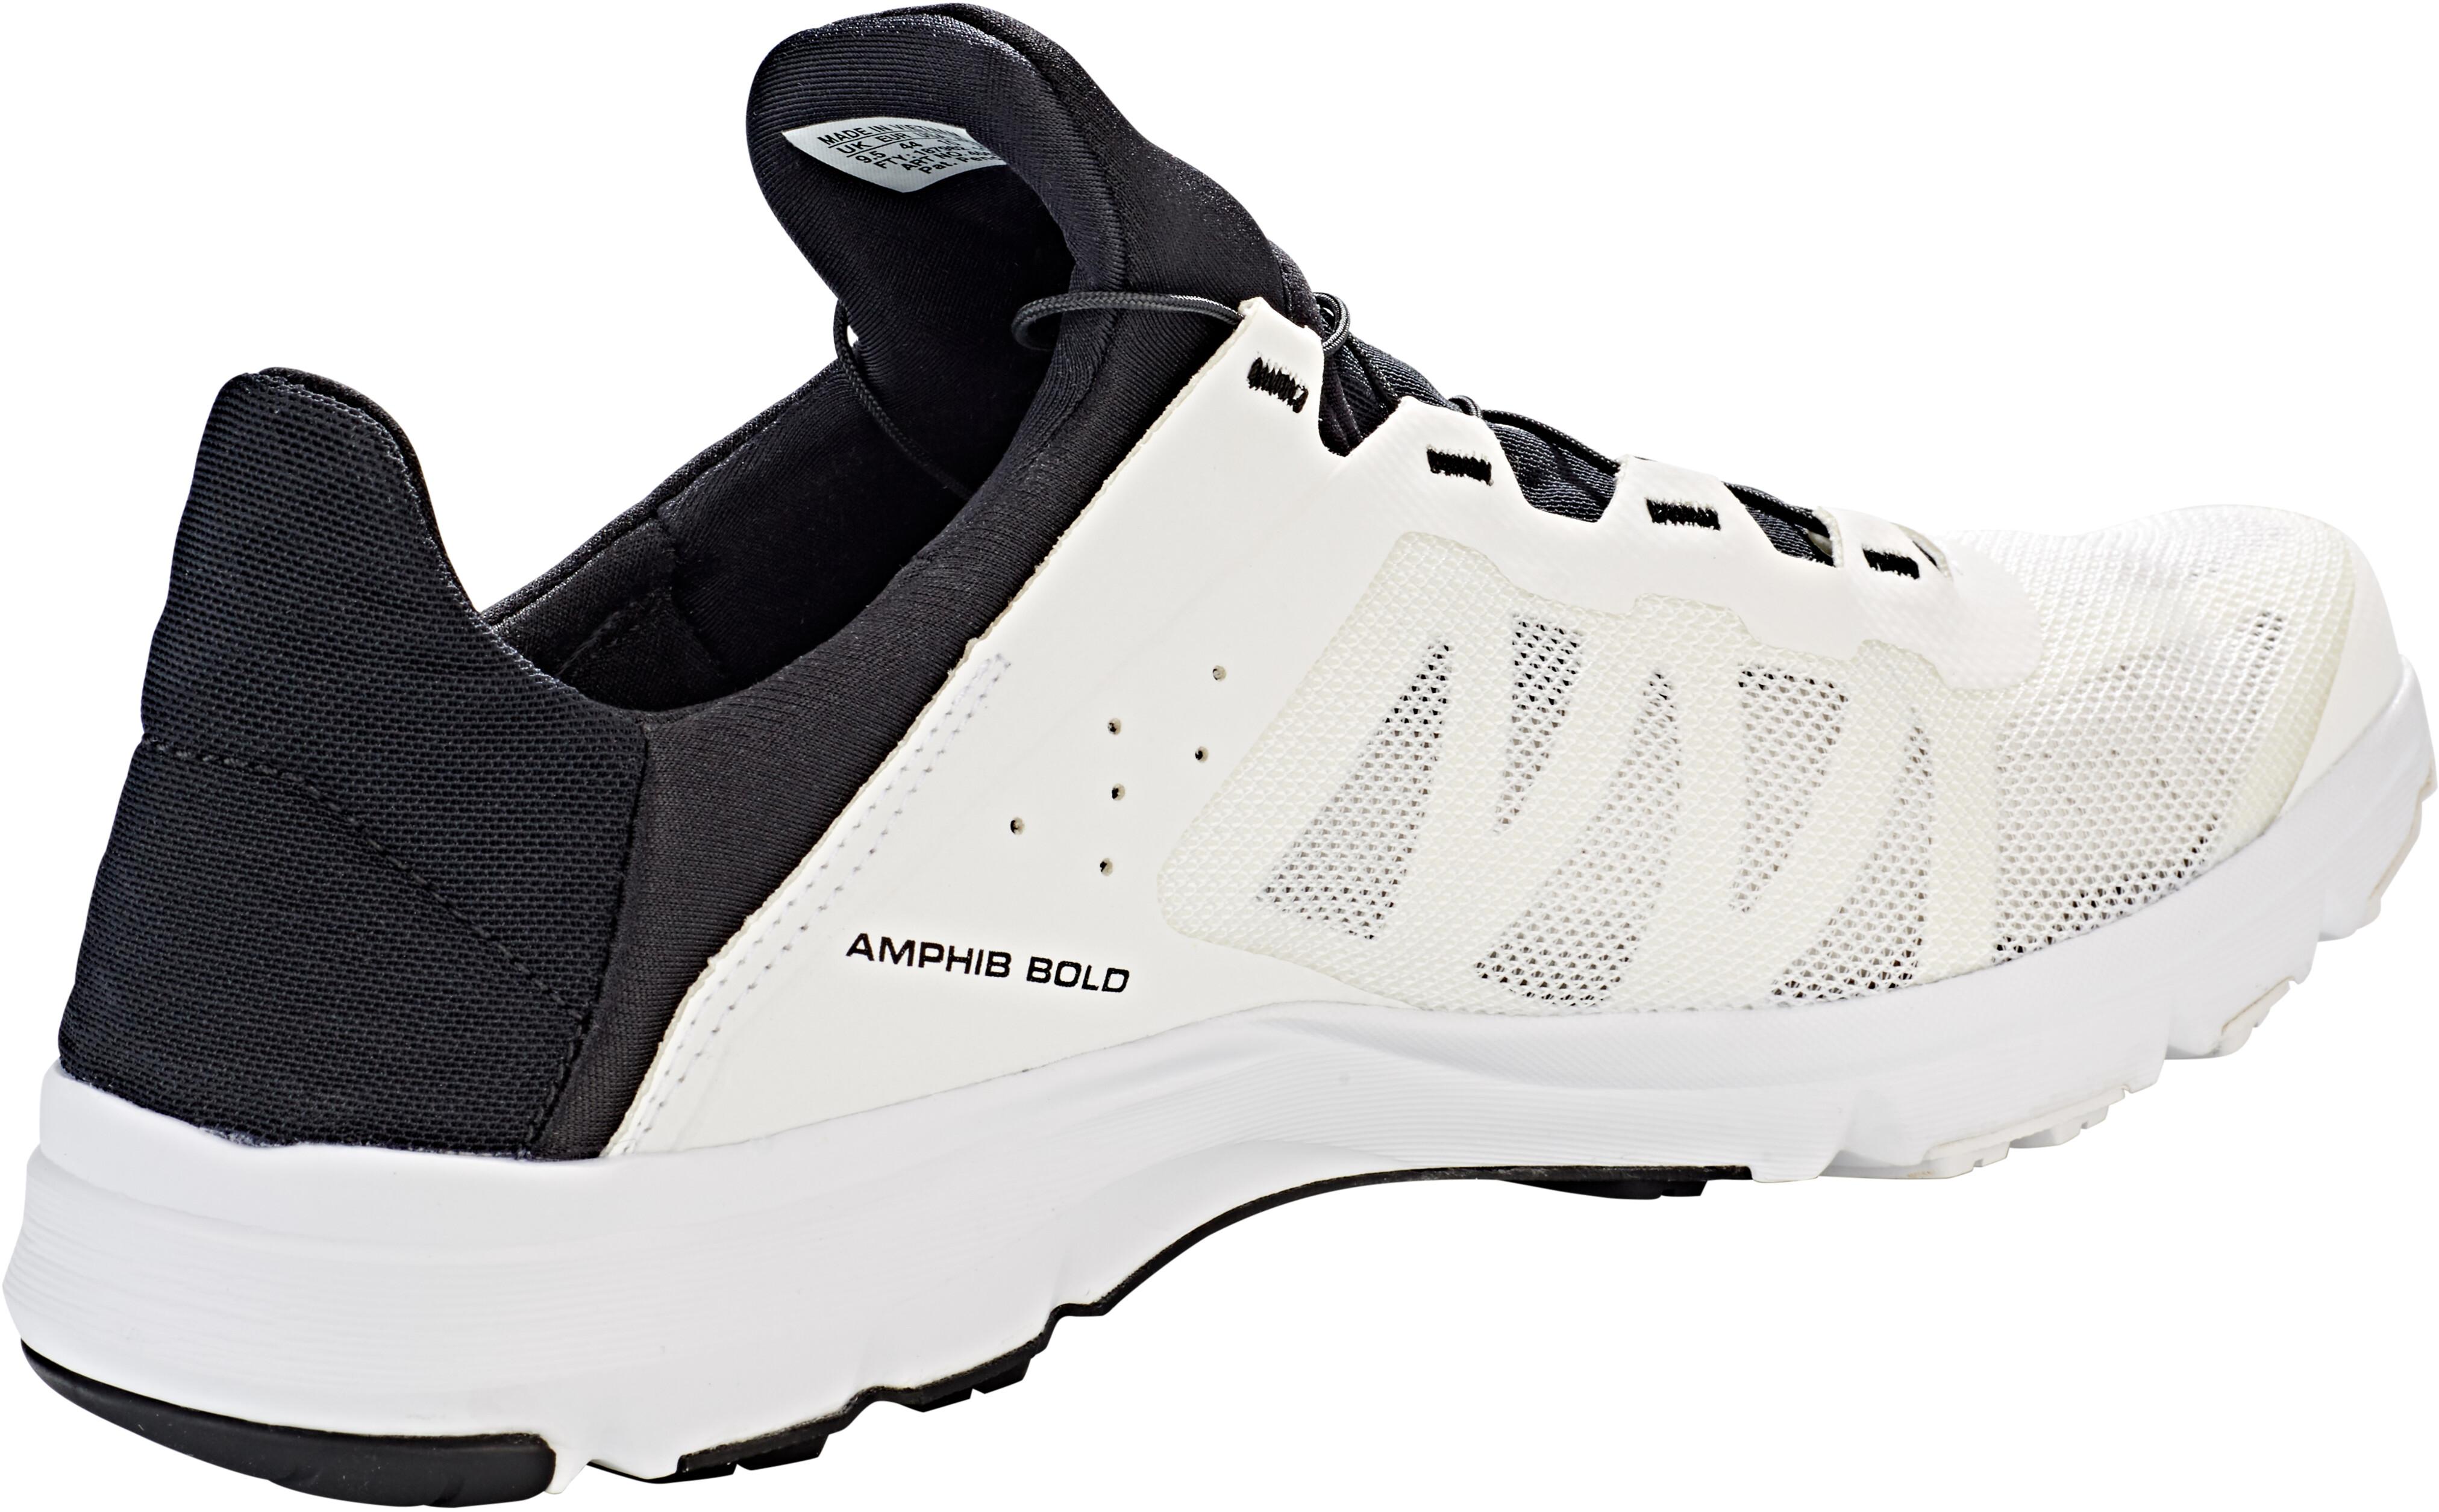 07c6025928e Salomon Amphib Bold Shoes Men white/black at Addnature.co.uk